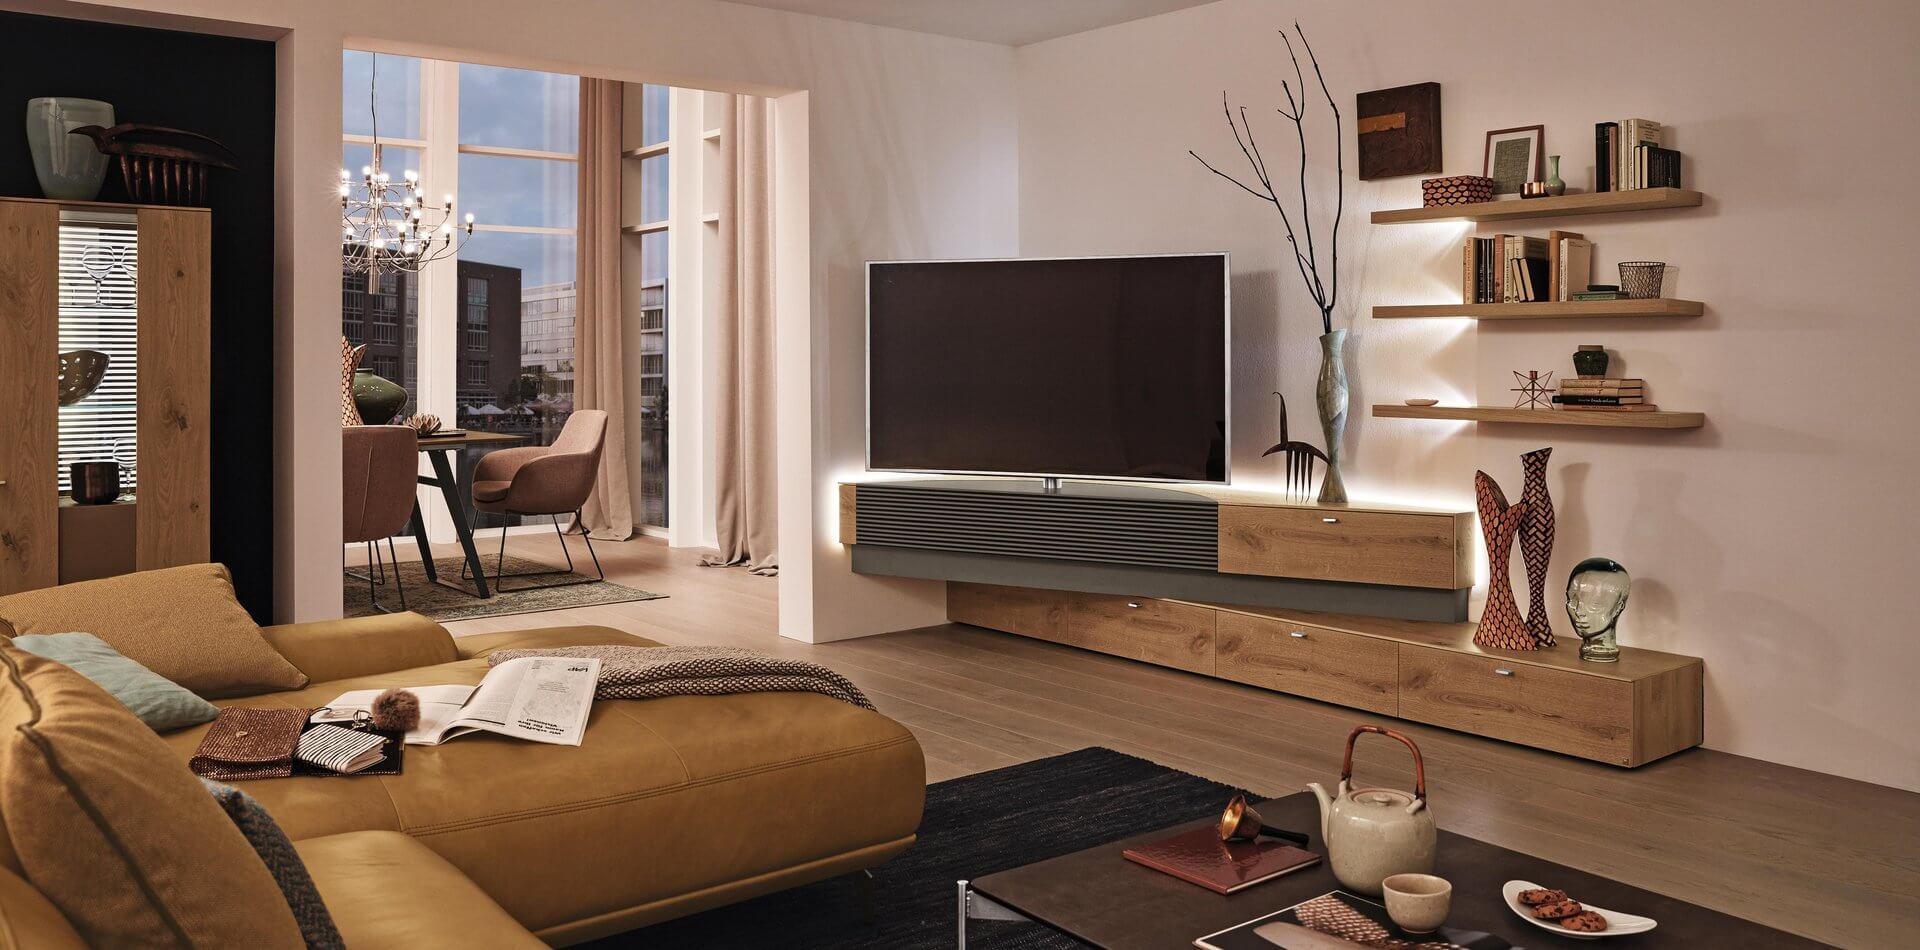 Eck Highboard Wohnzimmer